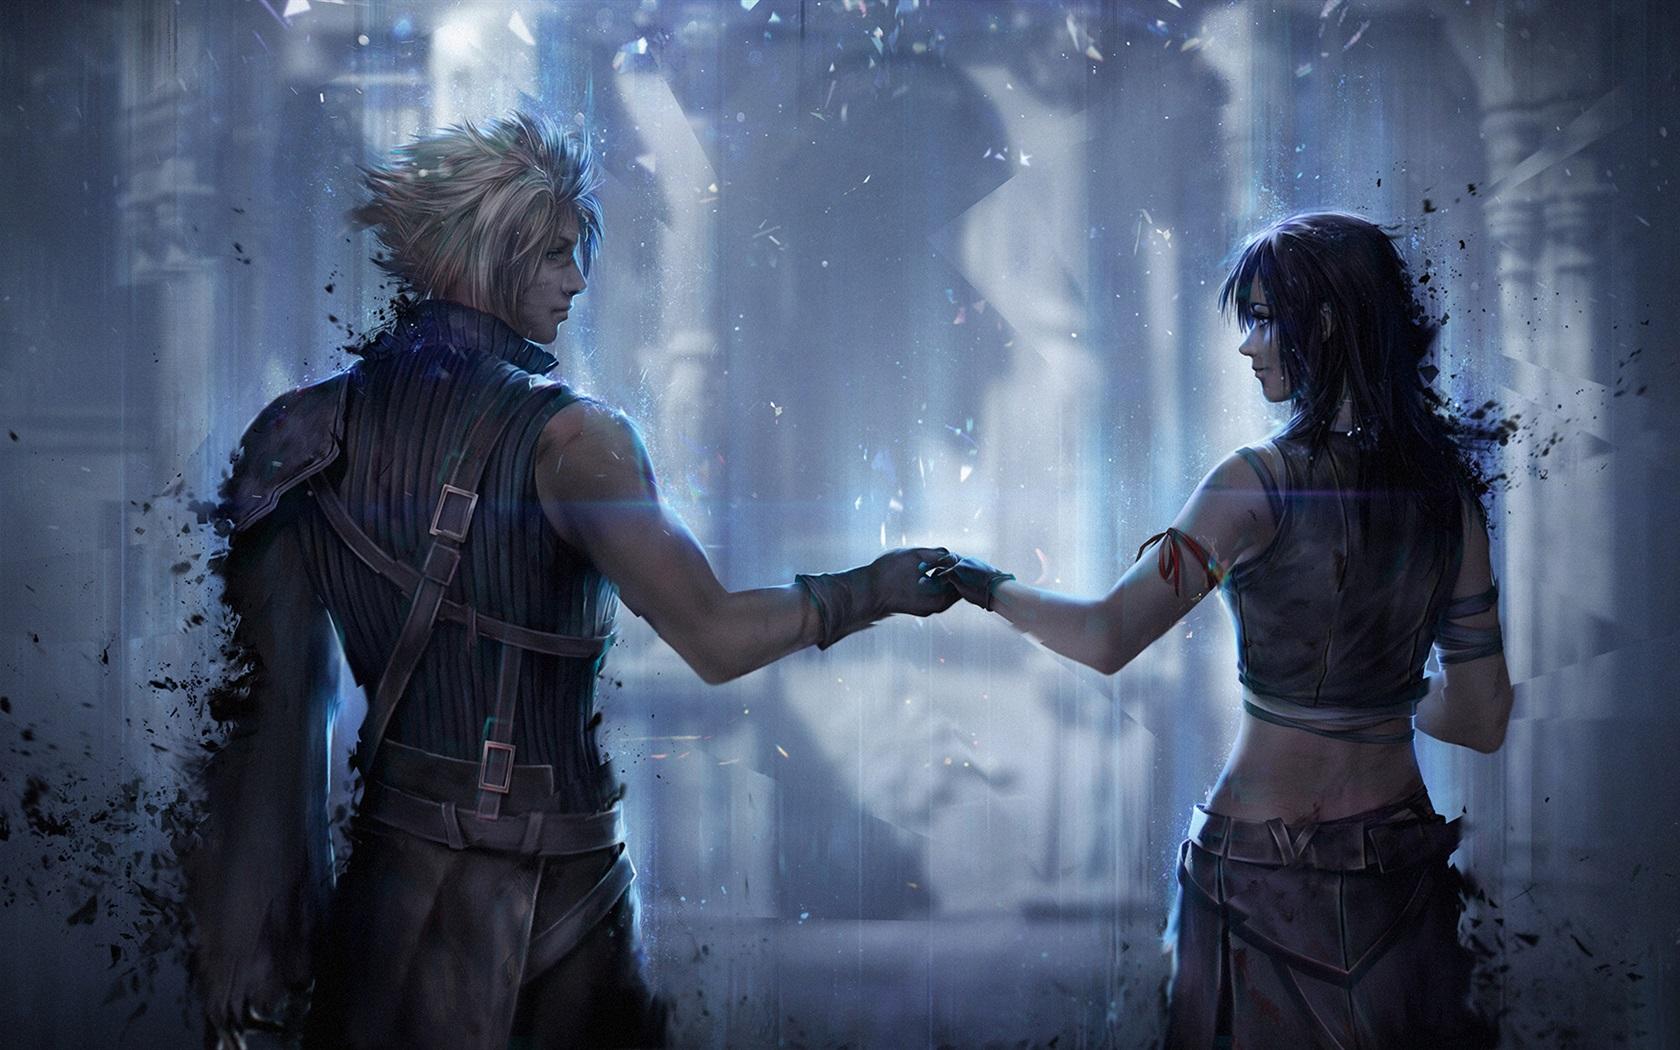 最终幻想7,女孩和男孩,经典游戏 壁纸 - 1680x1050